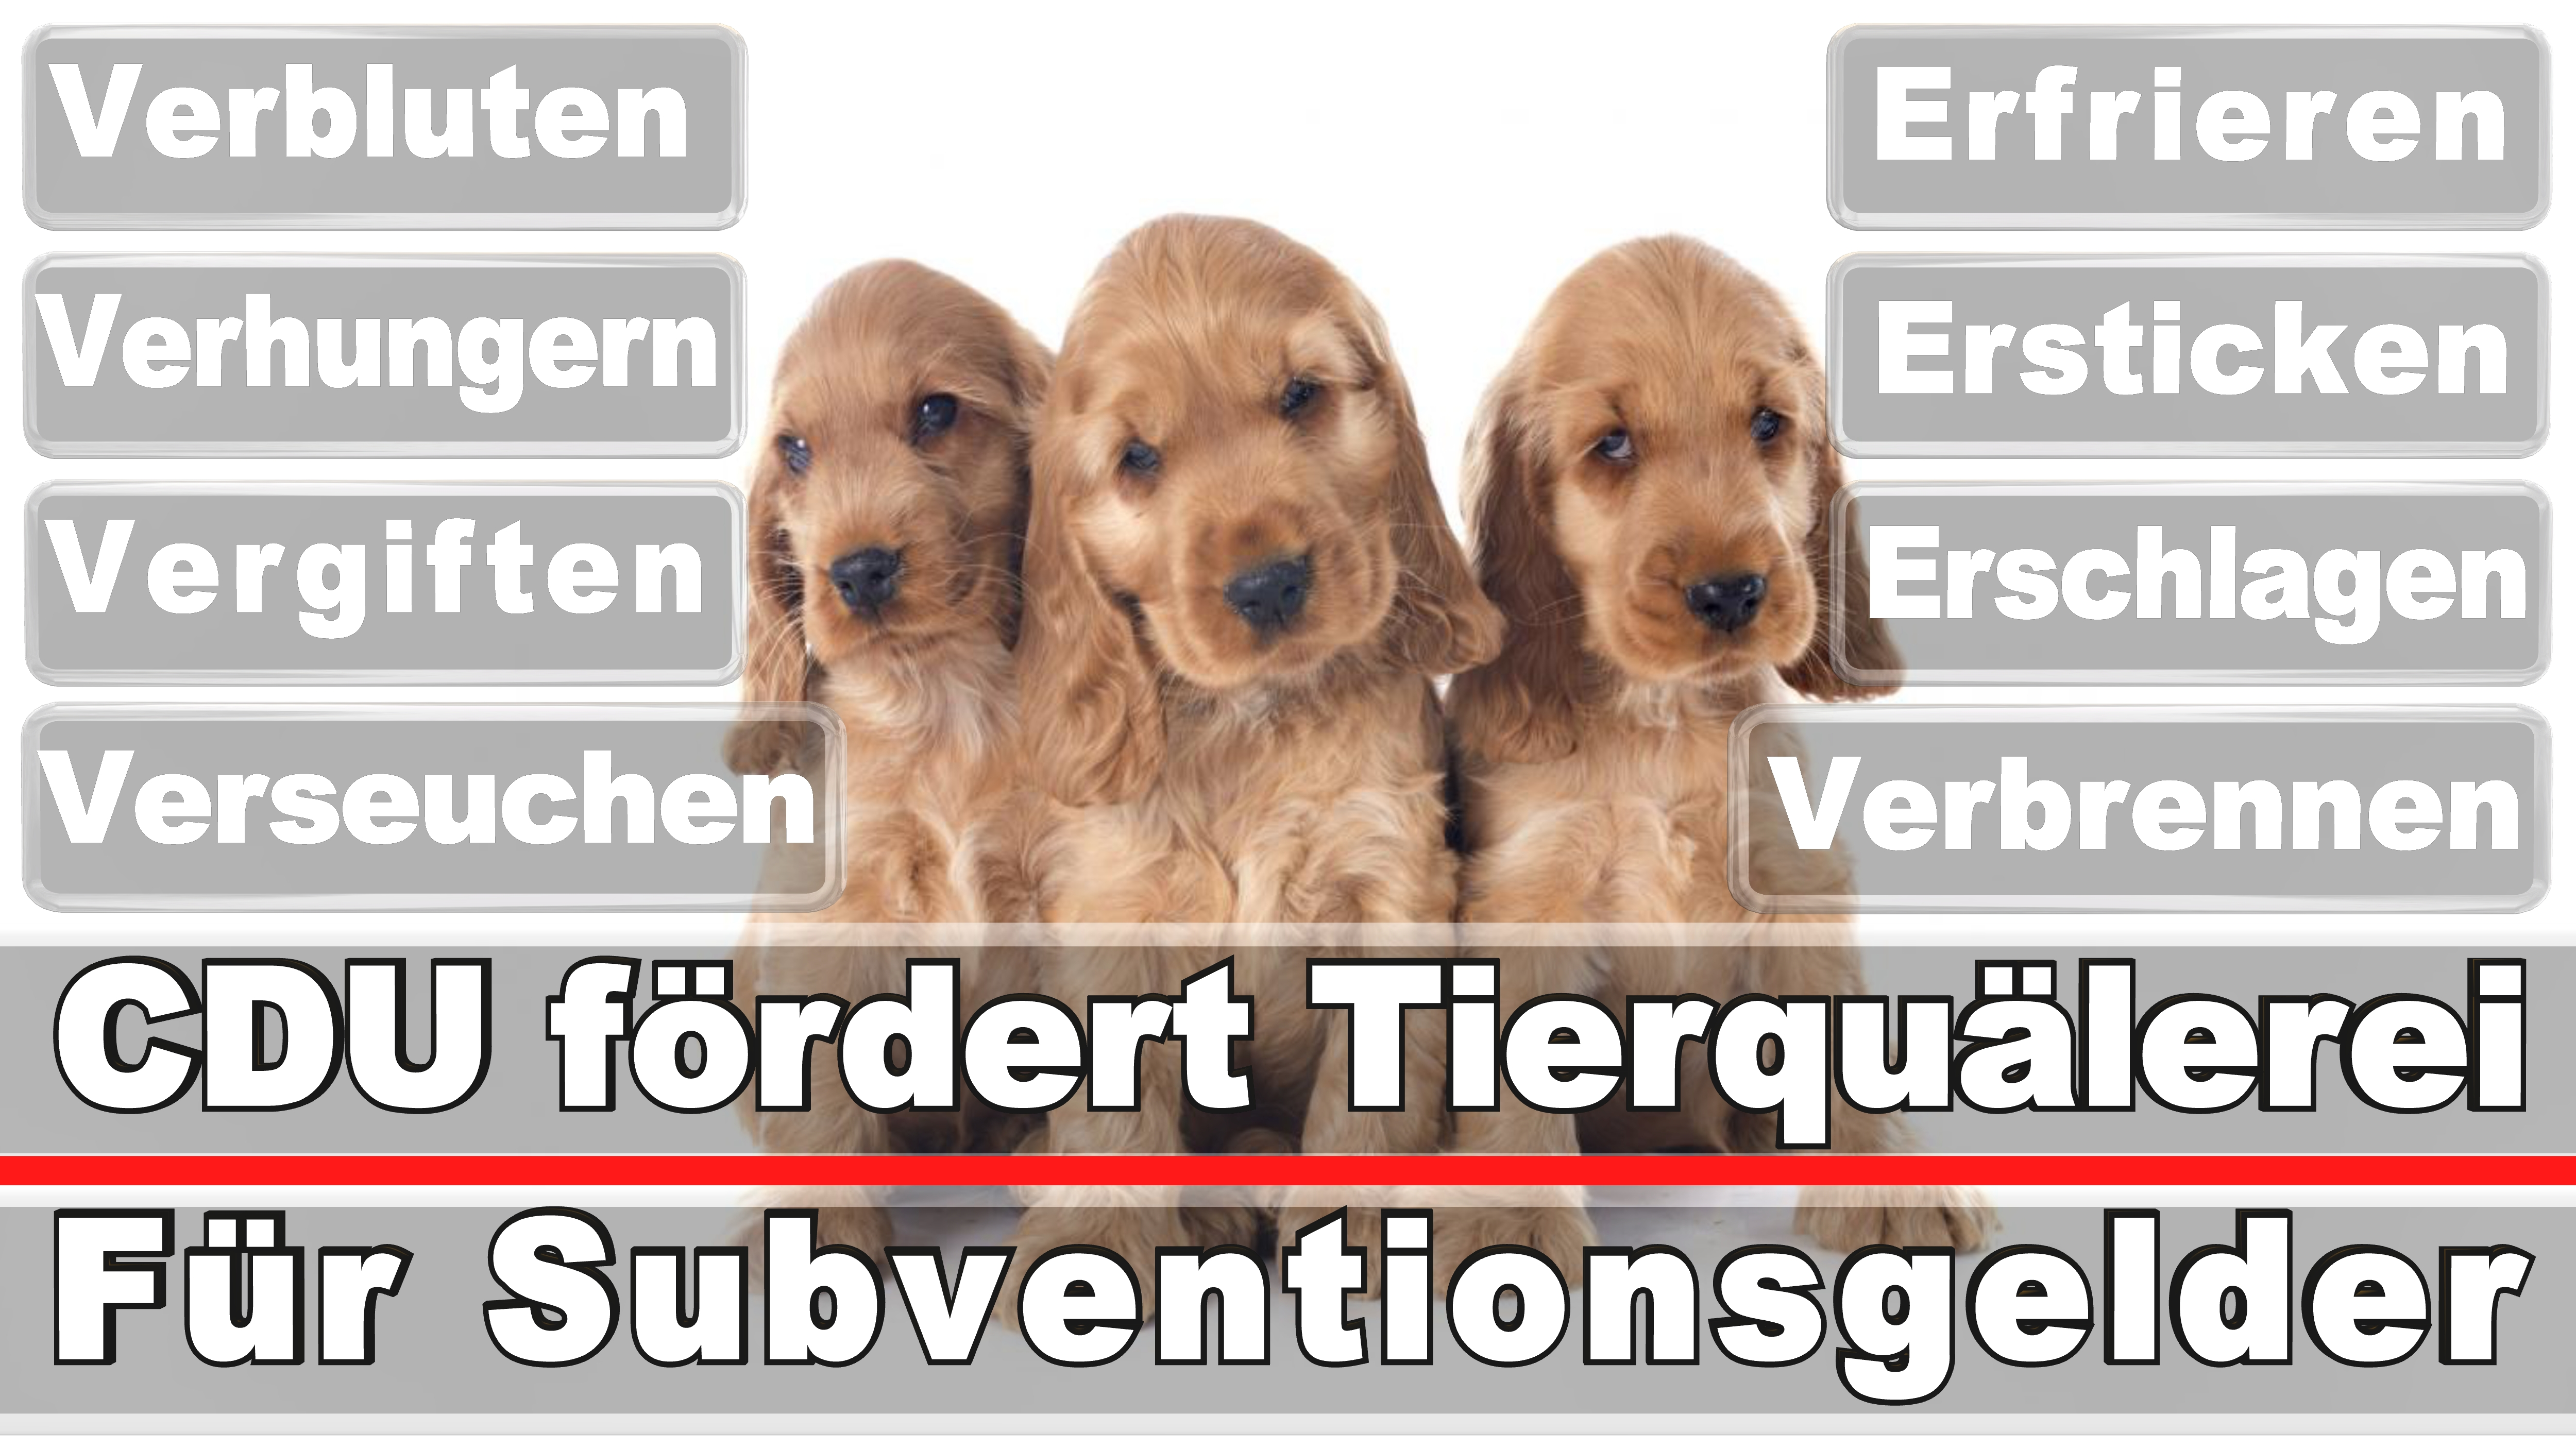 Landtagswahl-Bundestagswahl-CDU-SPD-FDP-AFD-Linke-Piraten (9)